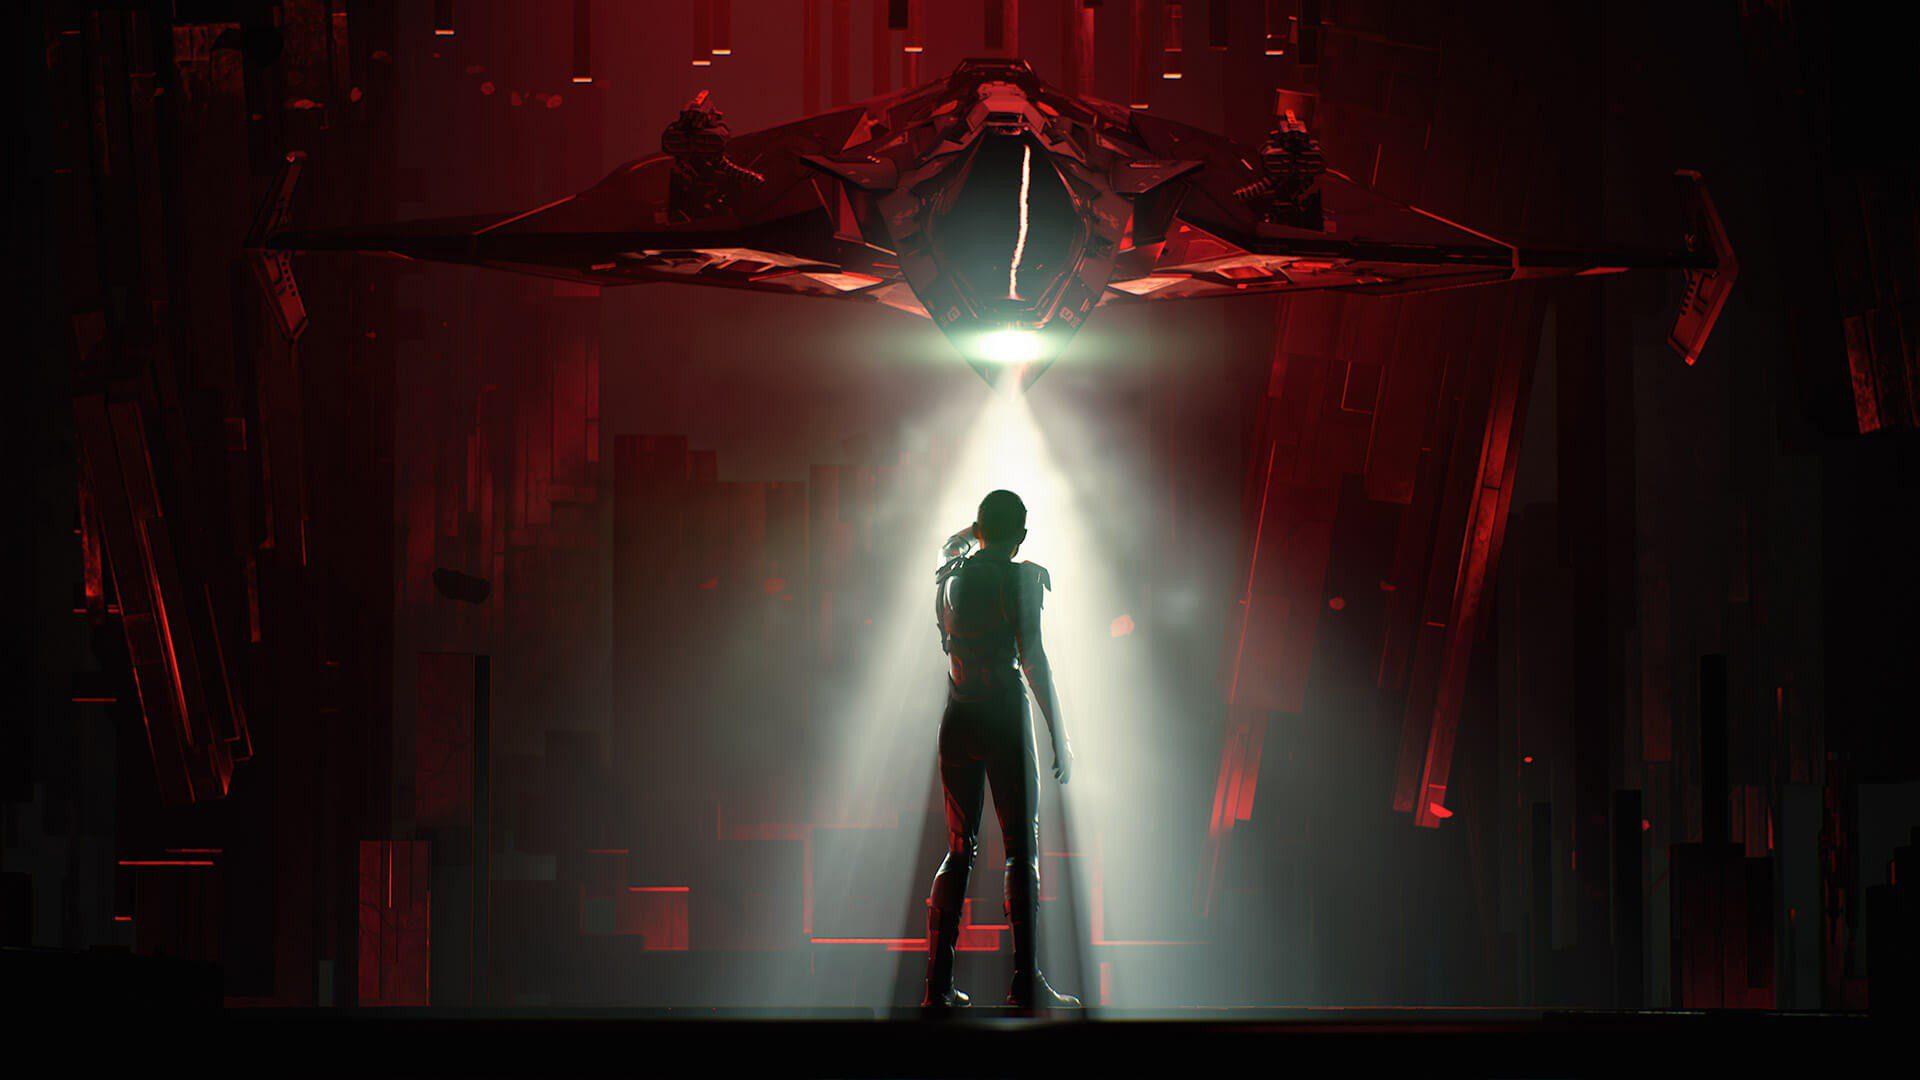 Primeras impresiones de Chorus: Rise as One en su versión de PC - Os cuento mis primeras impresiones después de haber probado Chorus, un shooter espacial.